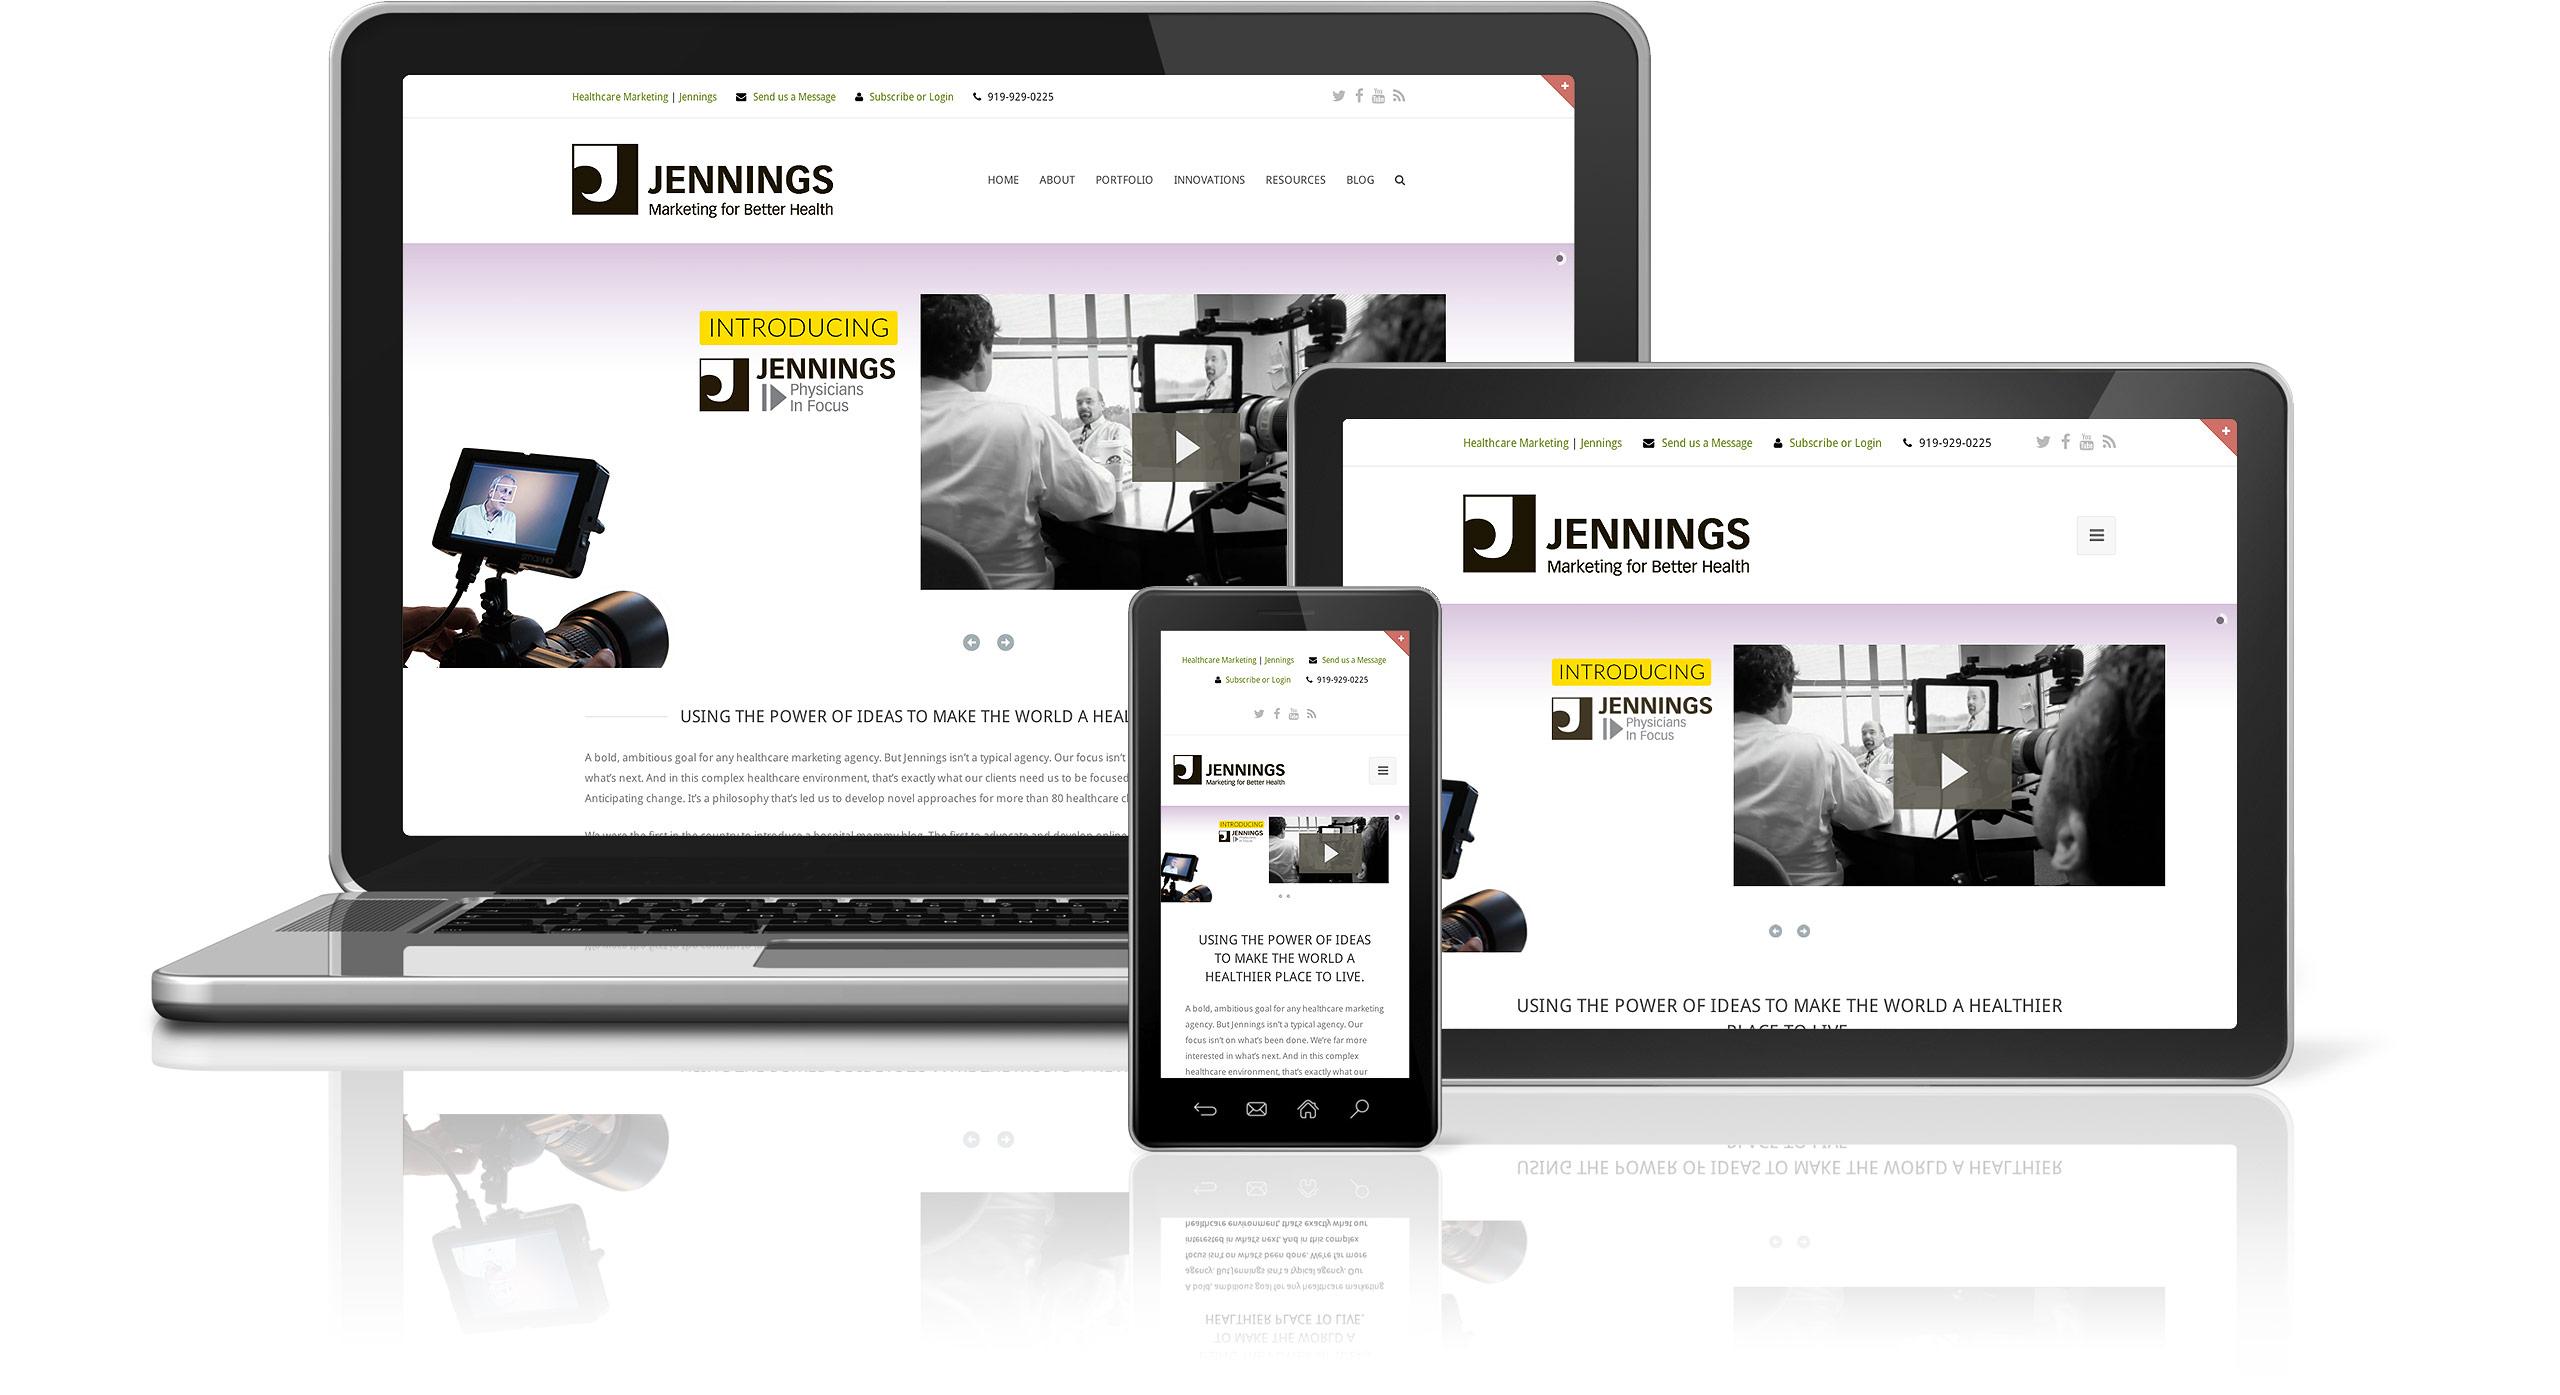 jennings website